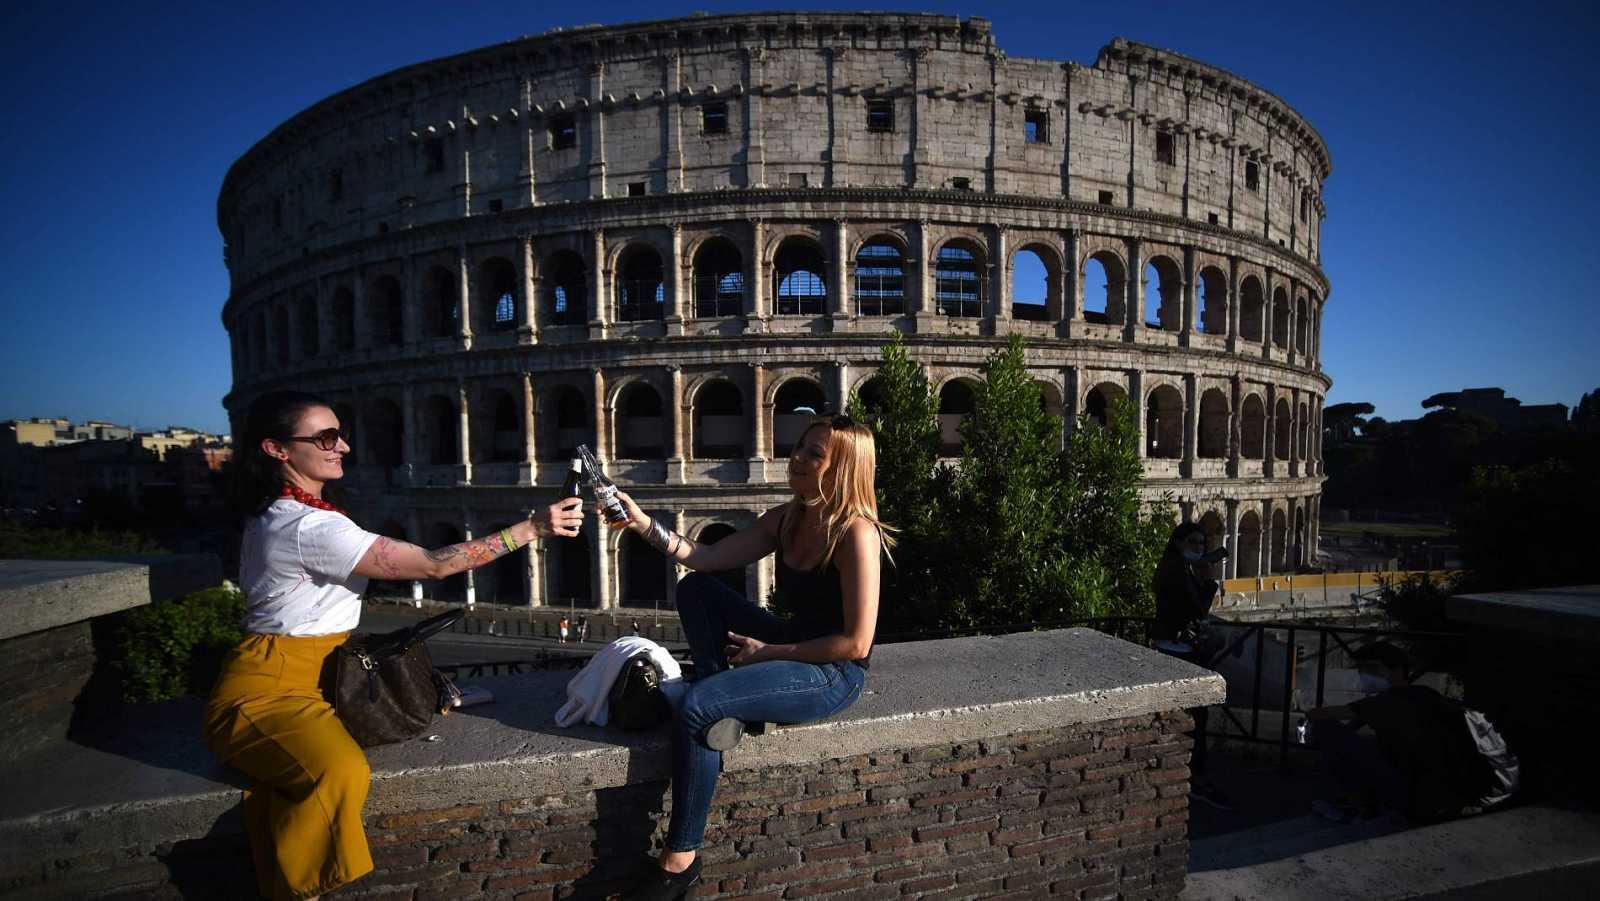 Dos mujeres brindan frente al Coliseo de Roma, tras relajarse las medidas de confinamiento por el coronavirus en Italia